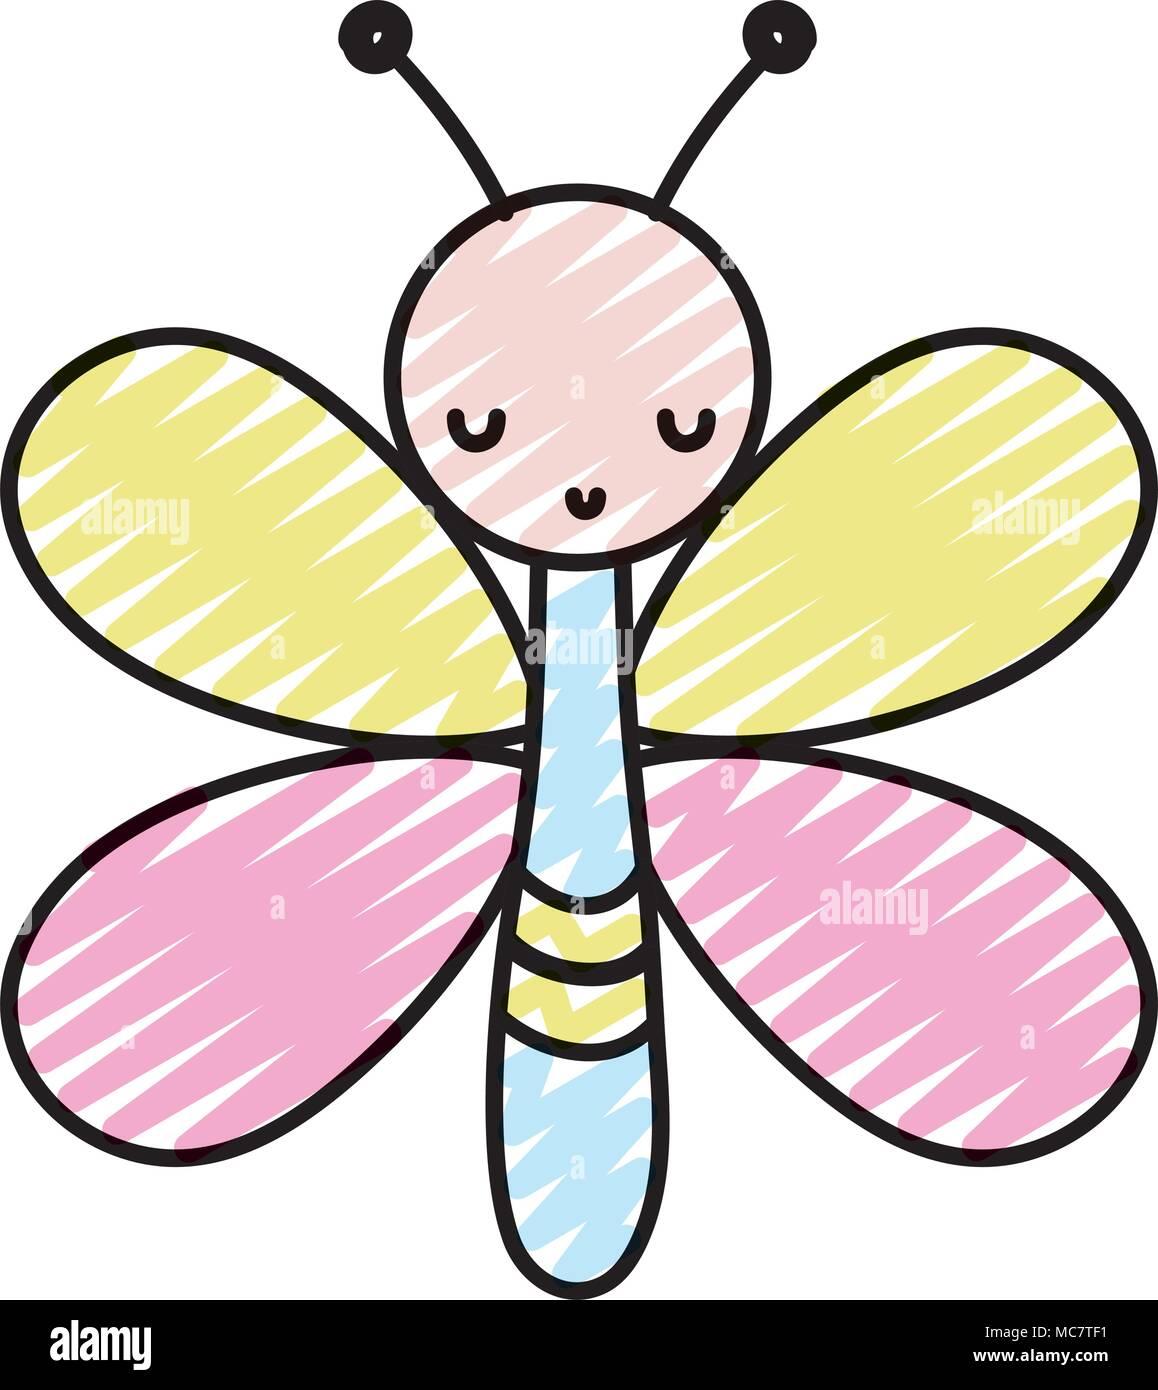 Erfreut Insekten Malvorlagen Für Kinder Fotos - Malvorlagen Von ...